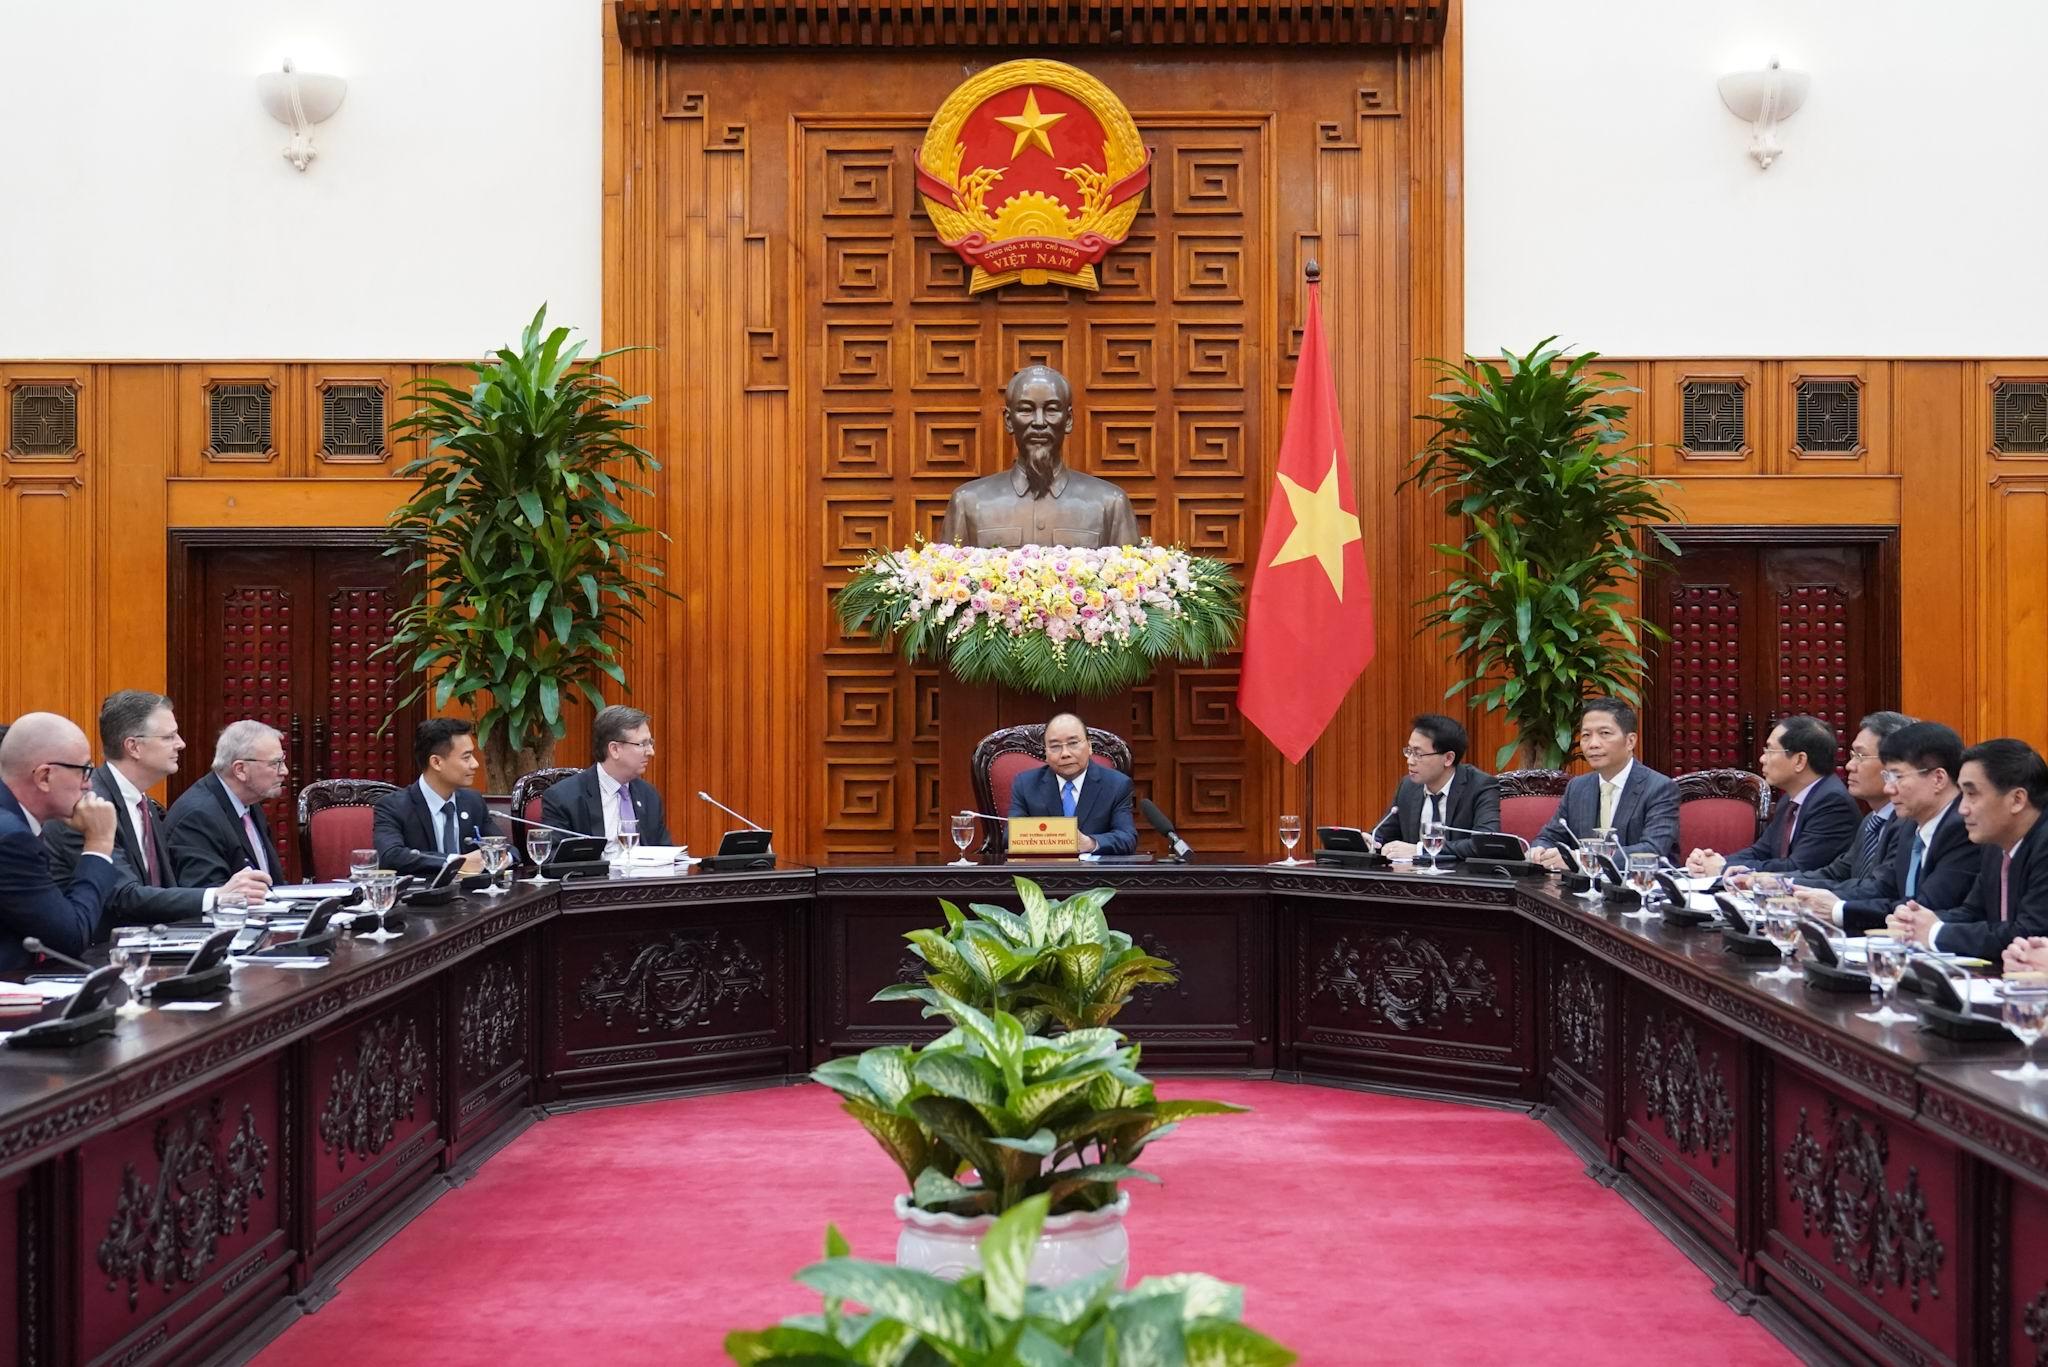 Tạo thuận lợi cho doanh nghiệp Hoa Kỳ thành công tại Việt Nam